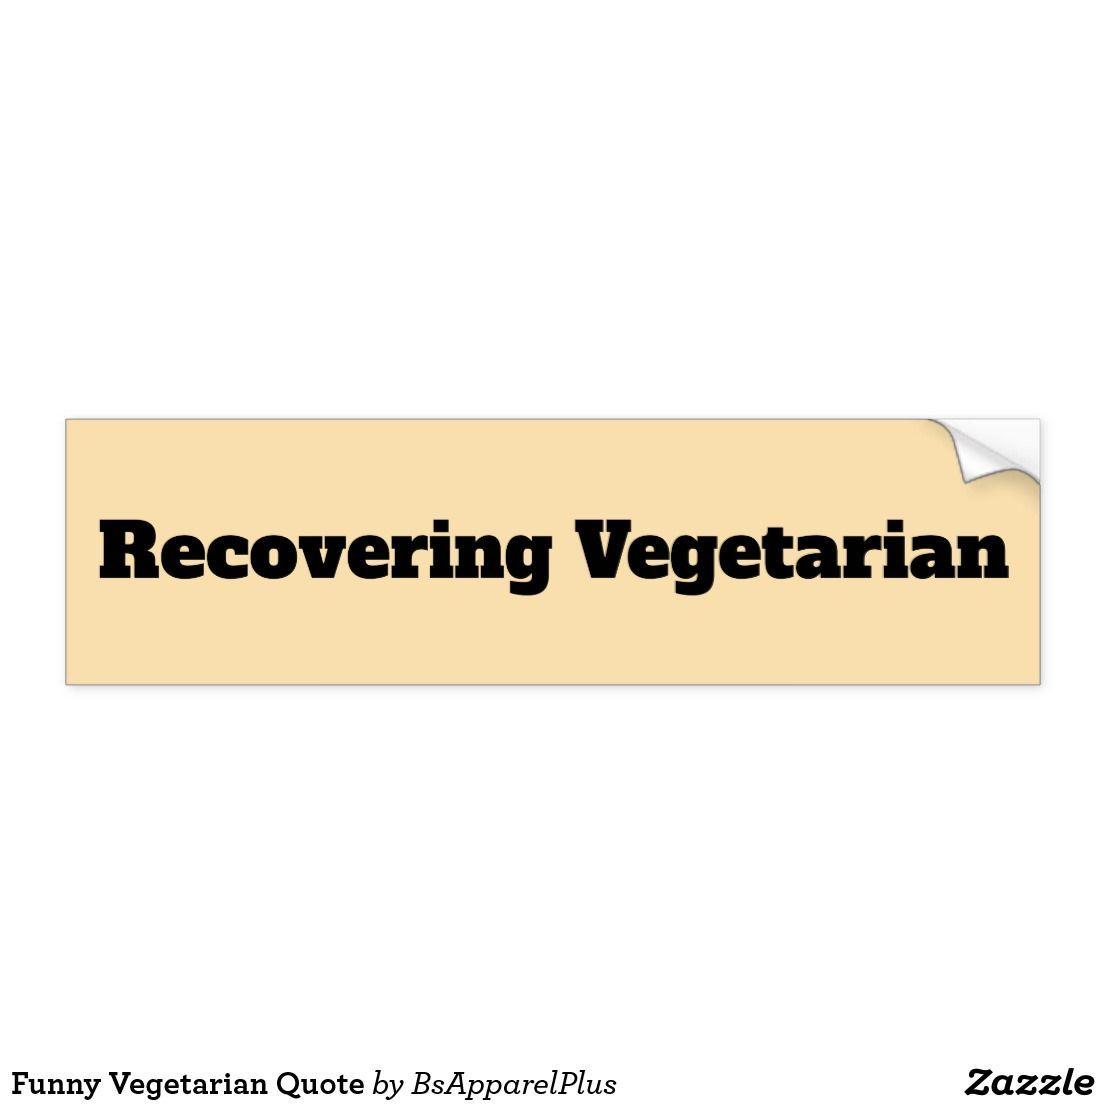 Ex-Vegetarian Bumper Sticker | Zazzle.com #vegetarianquotes Funny Vegetarian Quote Bumper Sticker #vegetarianquotes